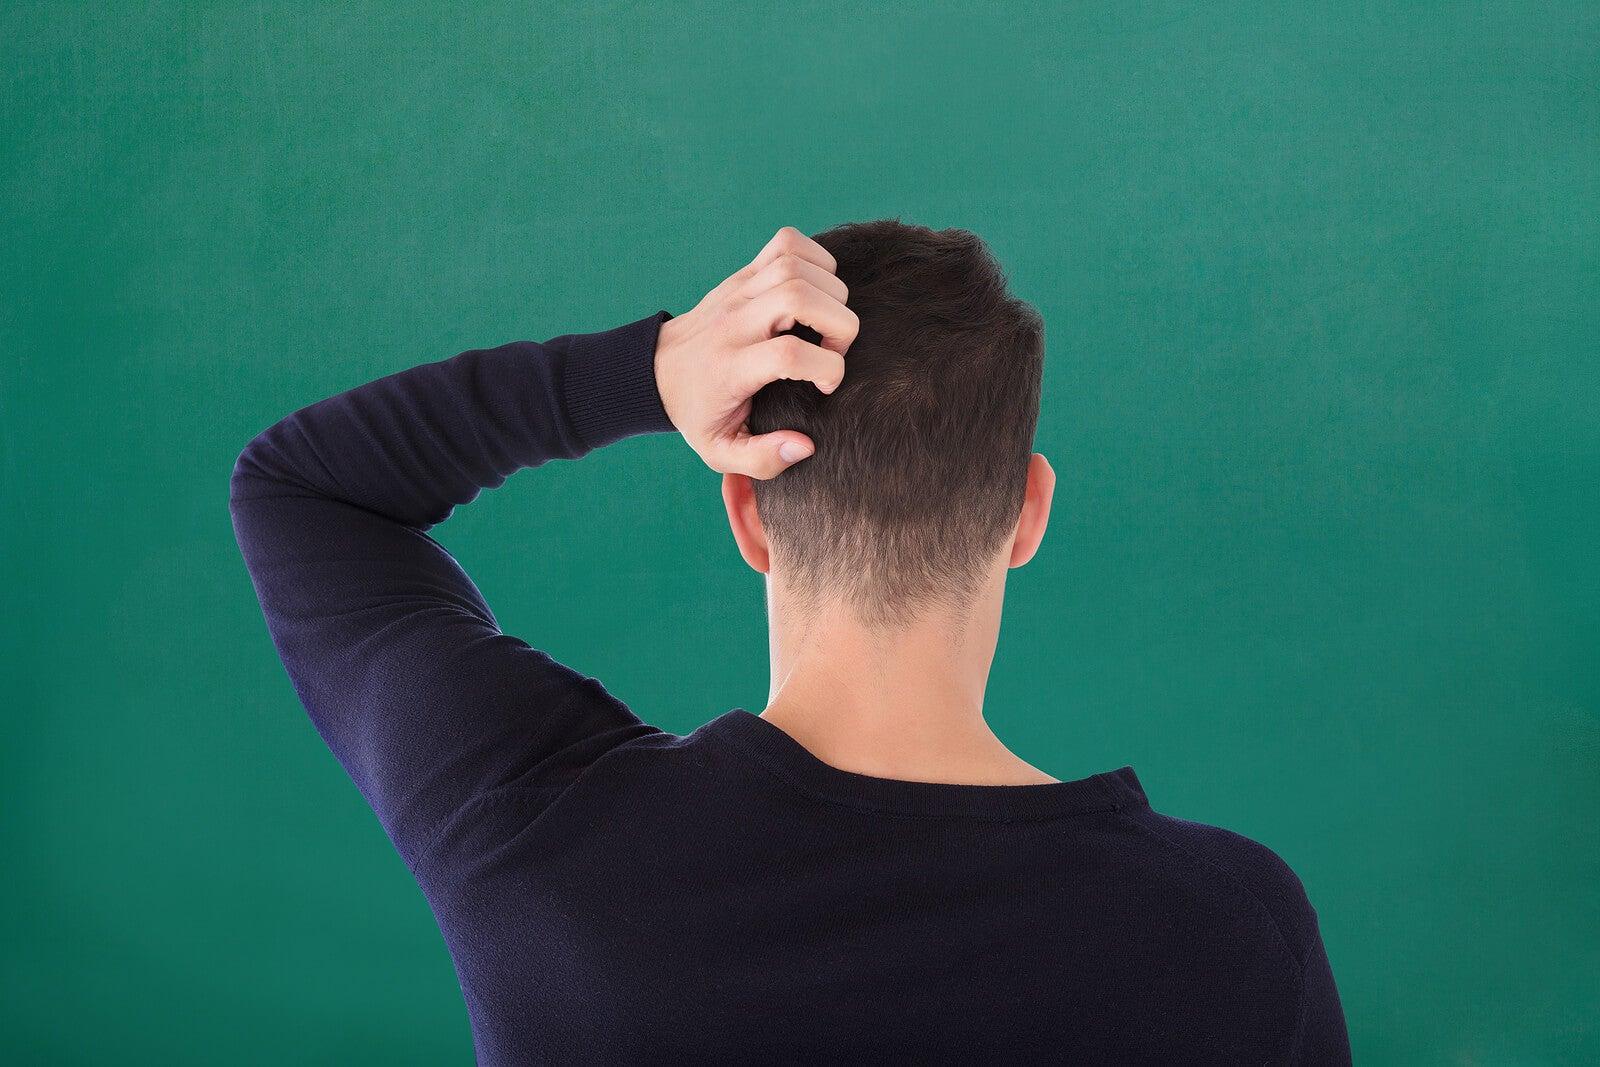 Chico con caspa, uno de los problemas de la piel más comunes en adolescentes.